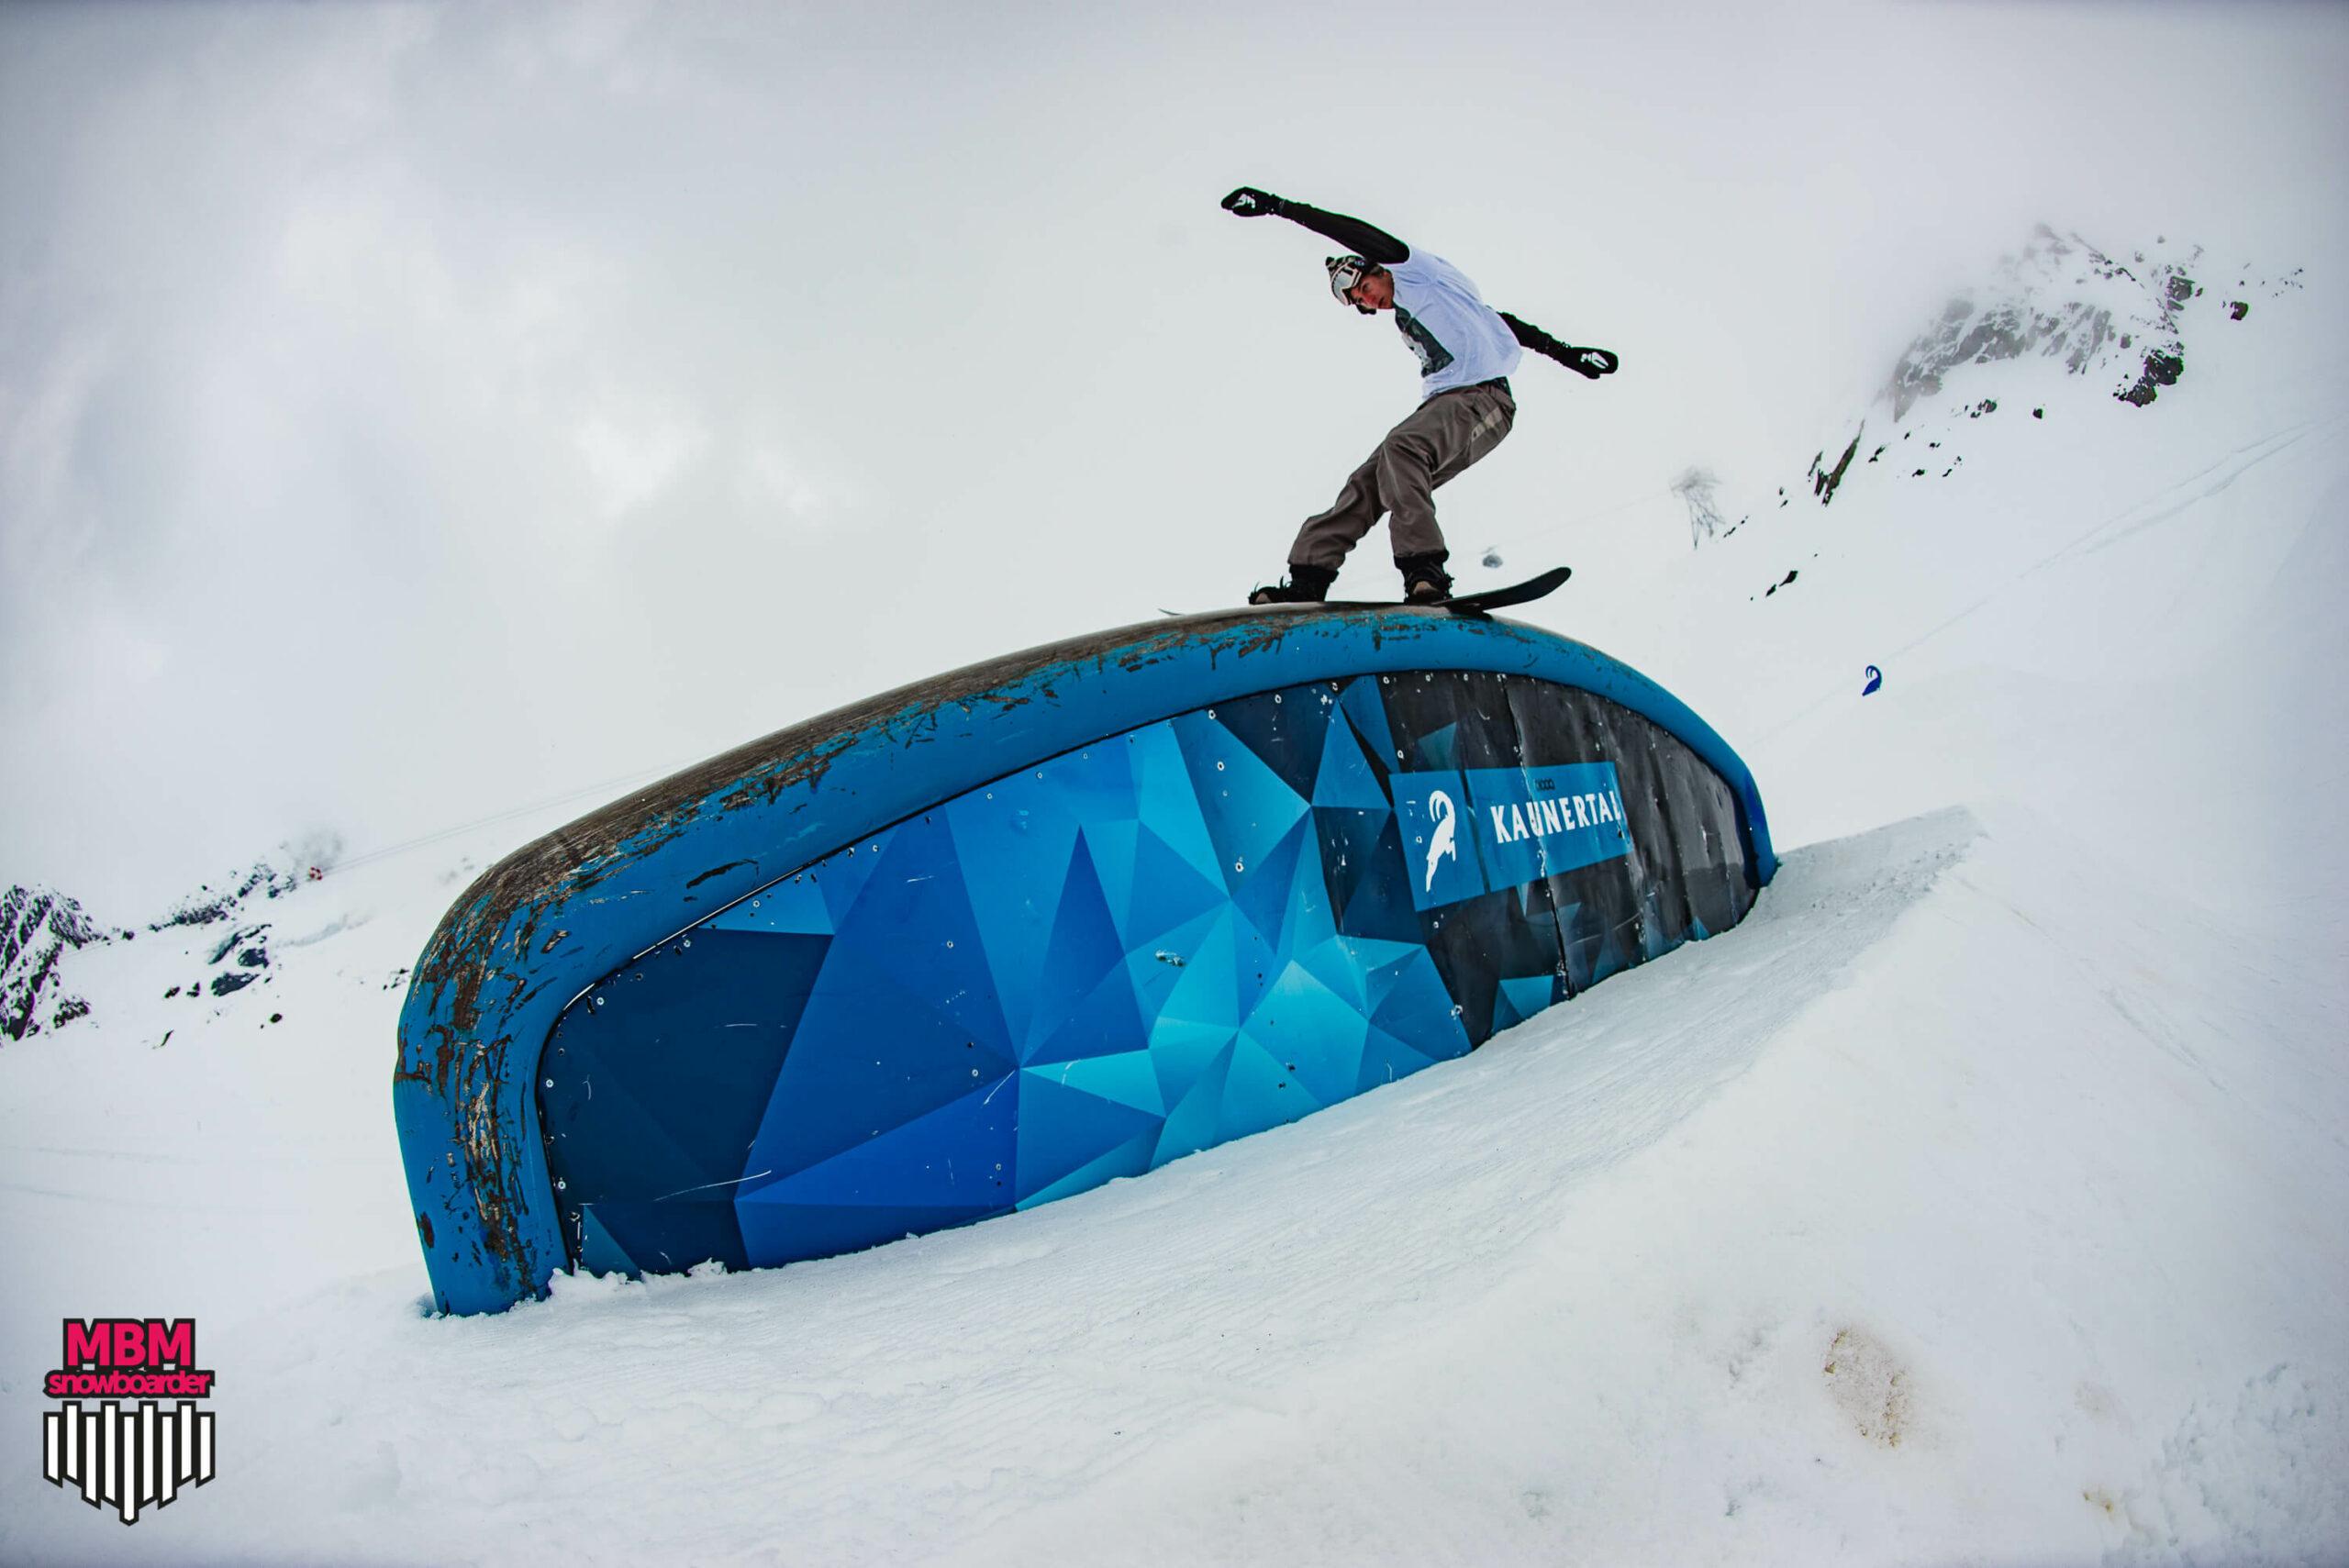 snowboarderMBM_sd_kaunertal_082